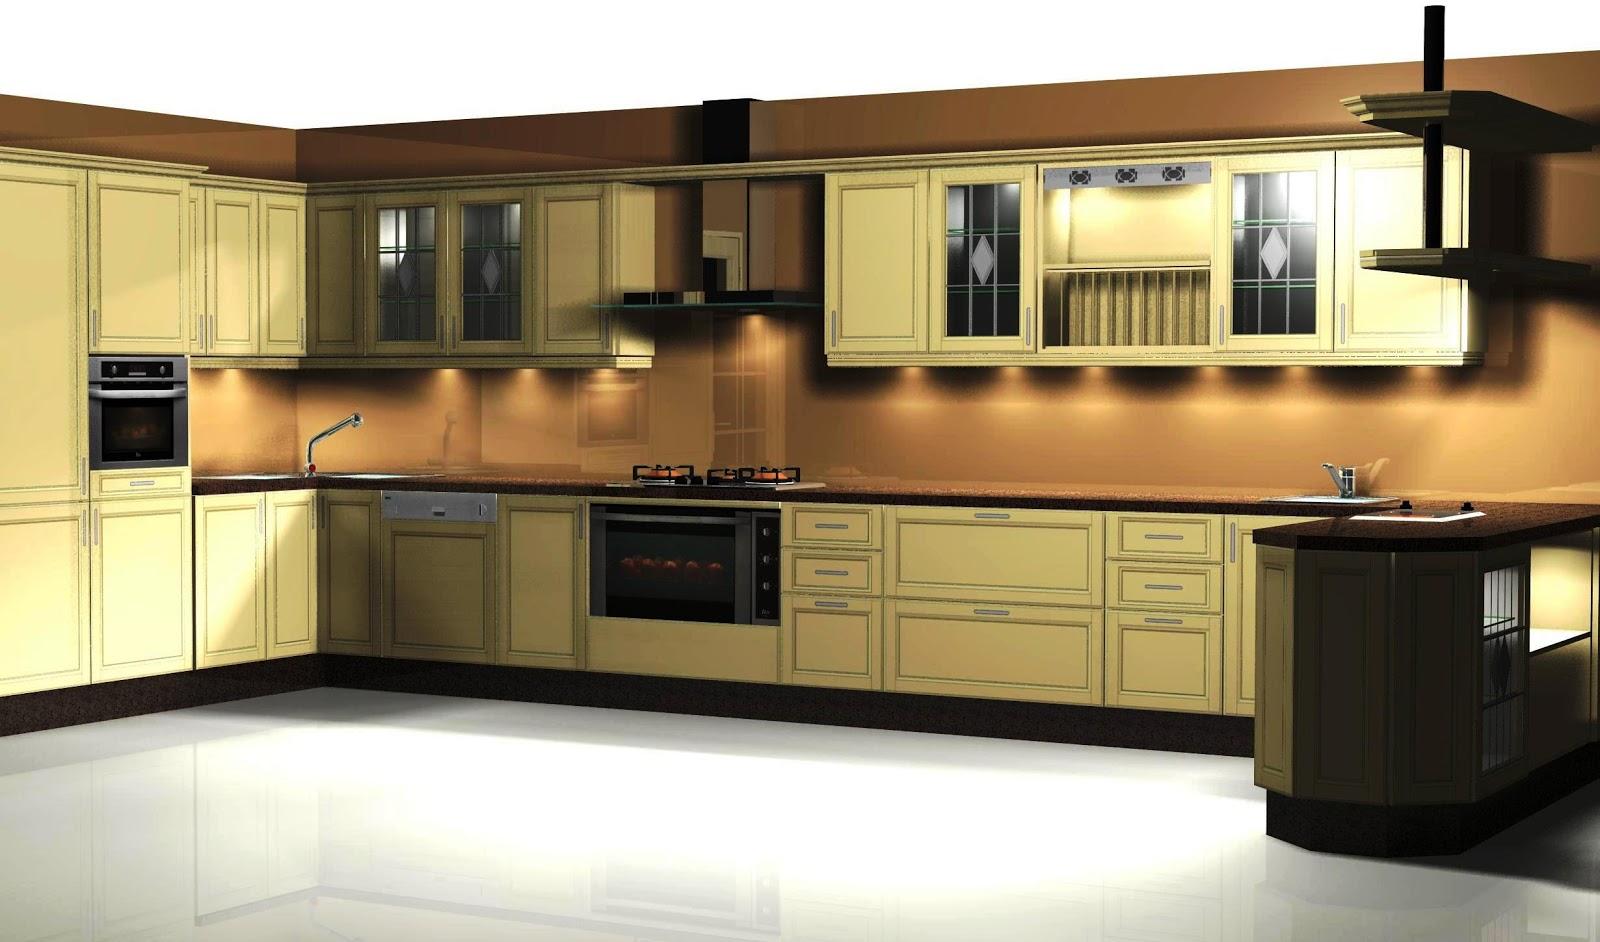 Mi cocina dise o de cocina en madera roble acabado for Cocinas de madera de roble